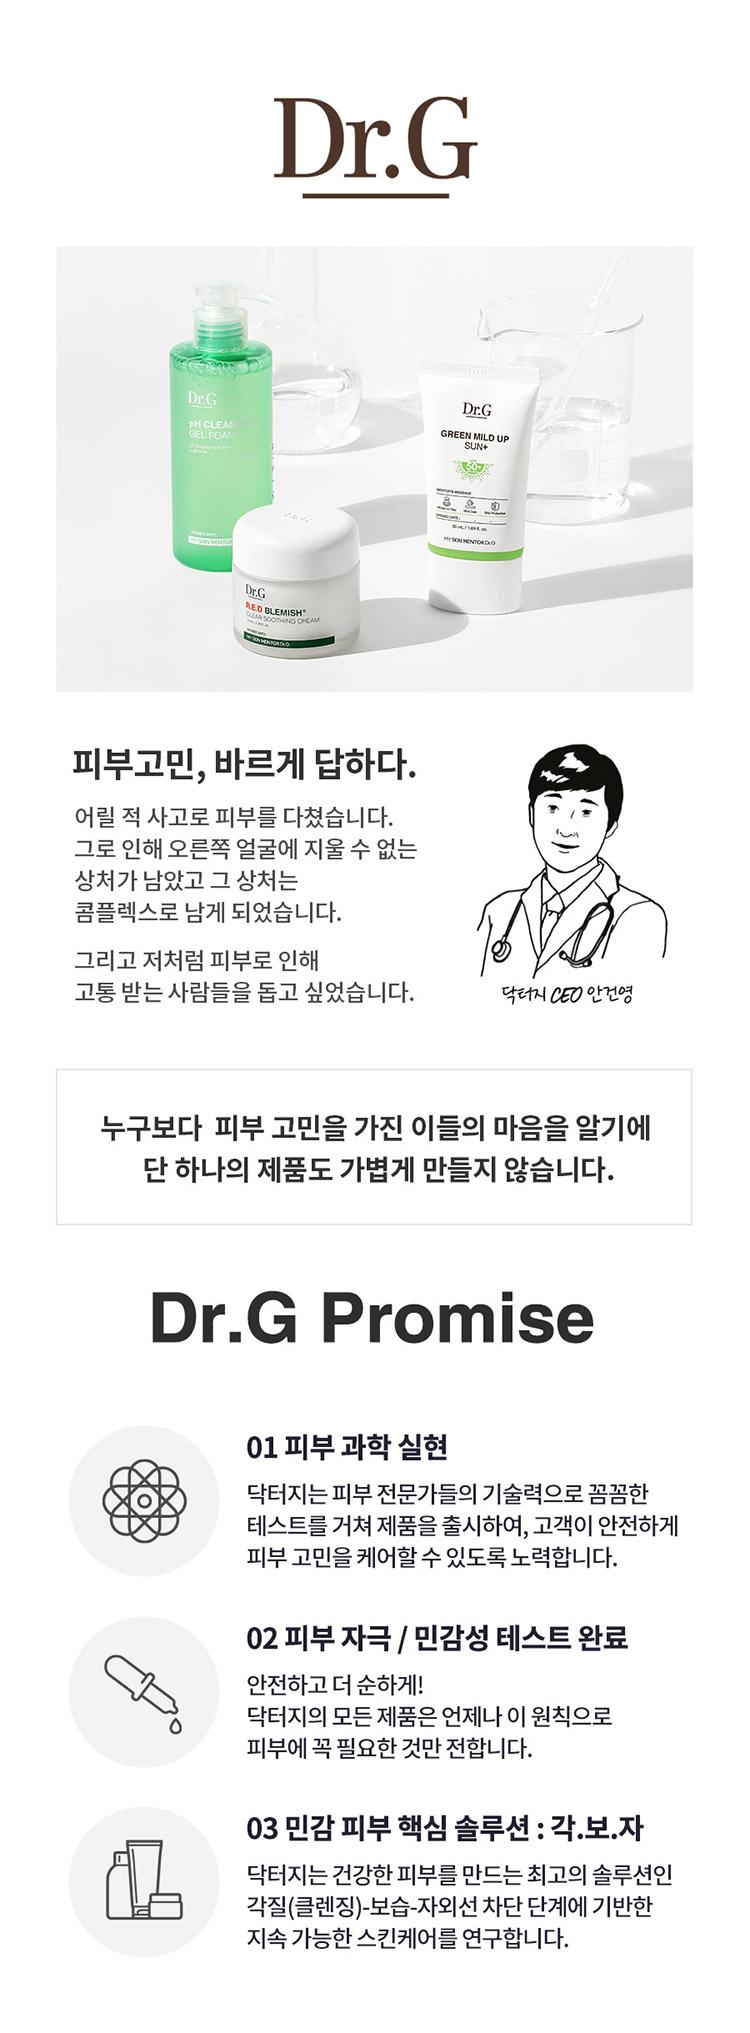 닥터지(DRG) 약산성 레드 블레미쉬 클리어 수딩 폼 150ml